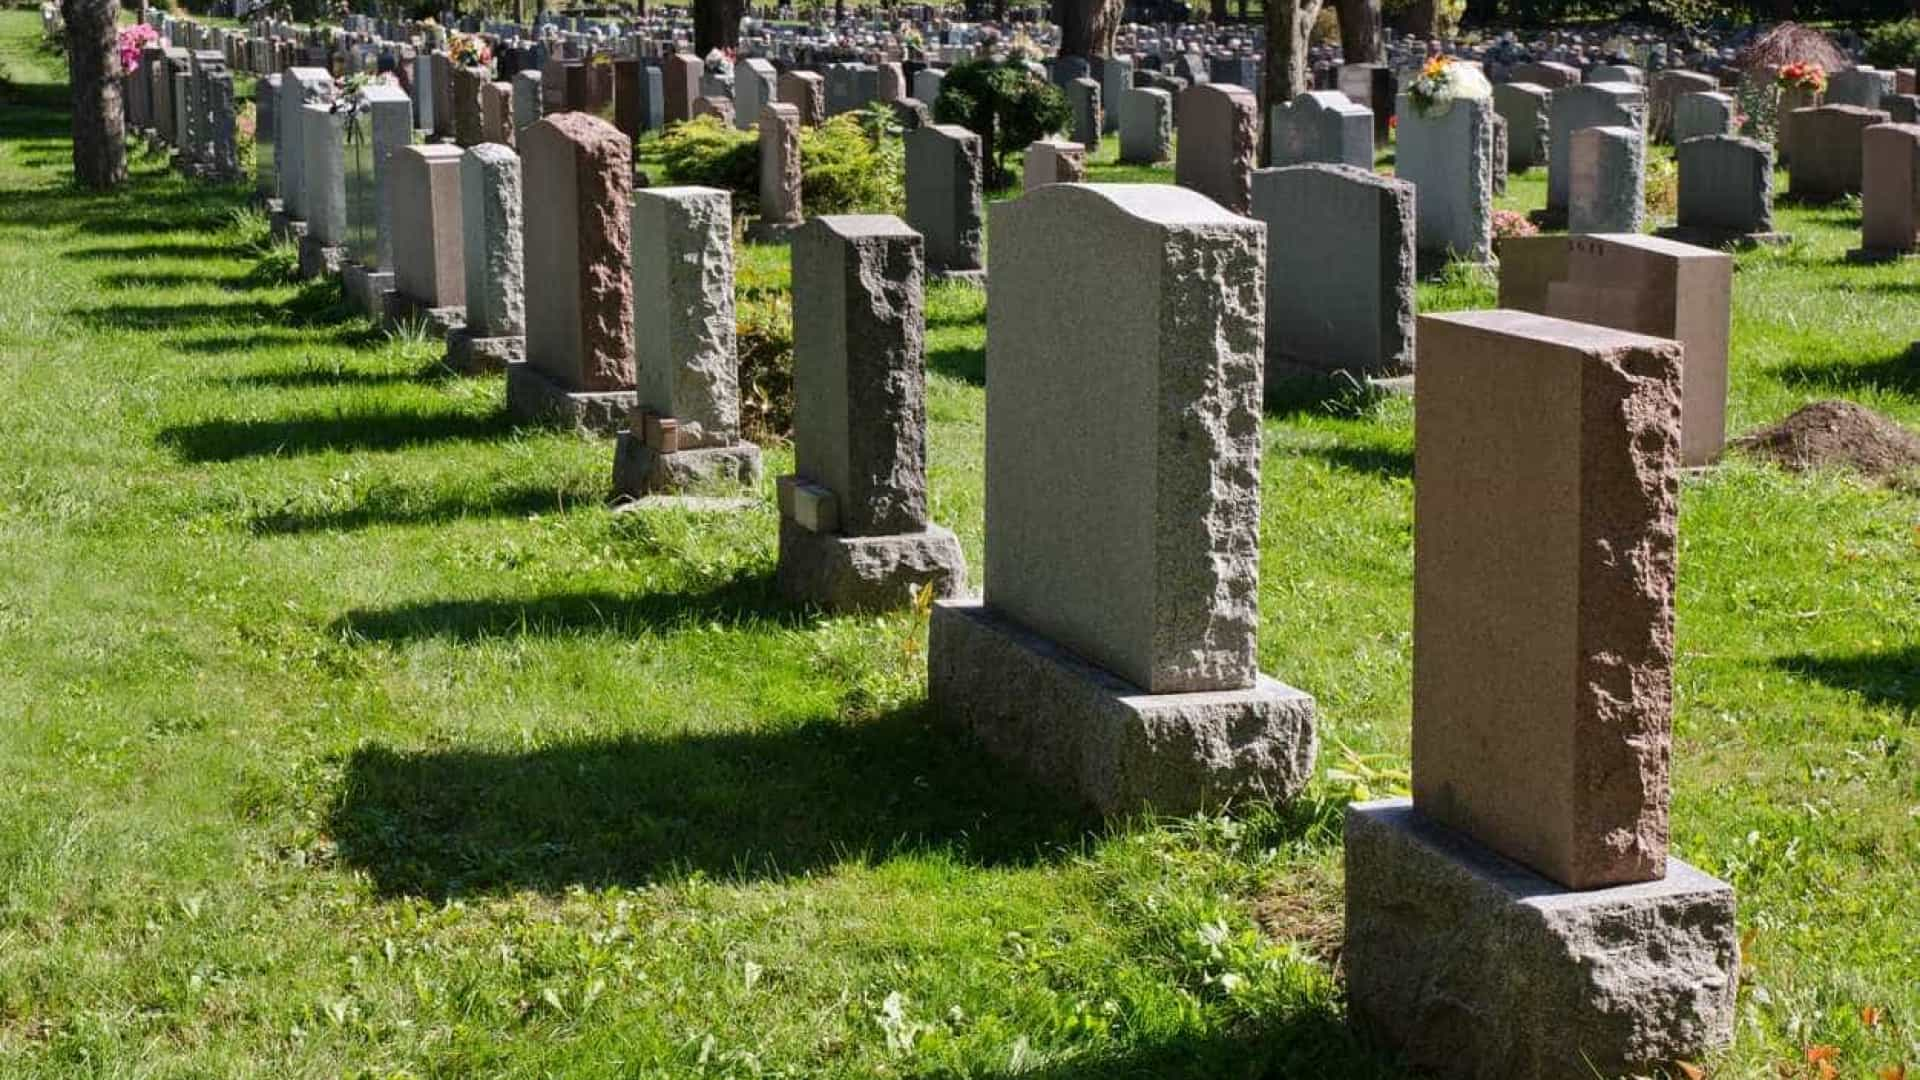 Cidade alemã faz sorteio para reservar lugares em cobiçado cemitério